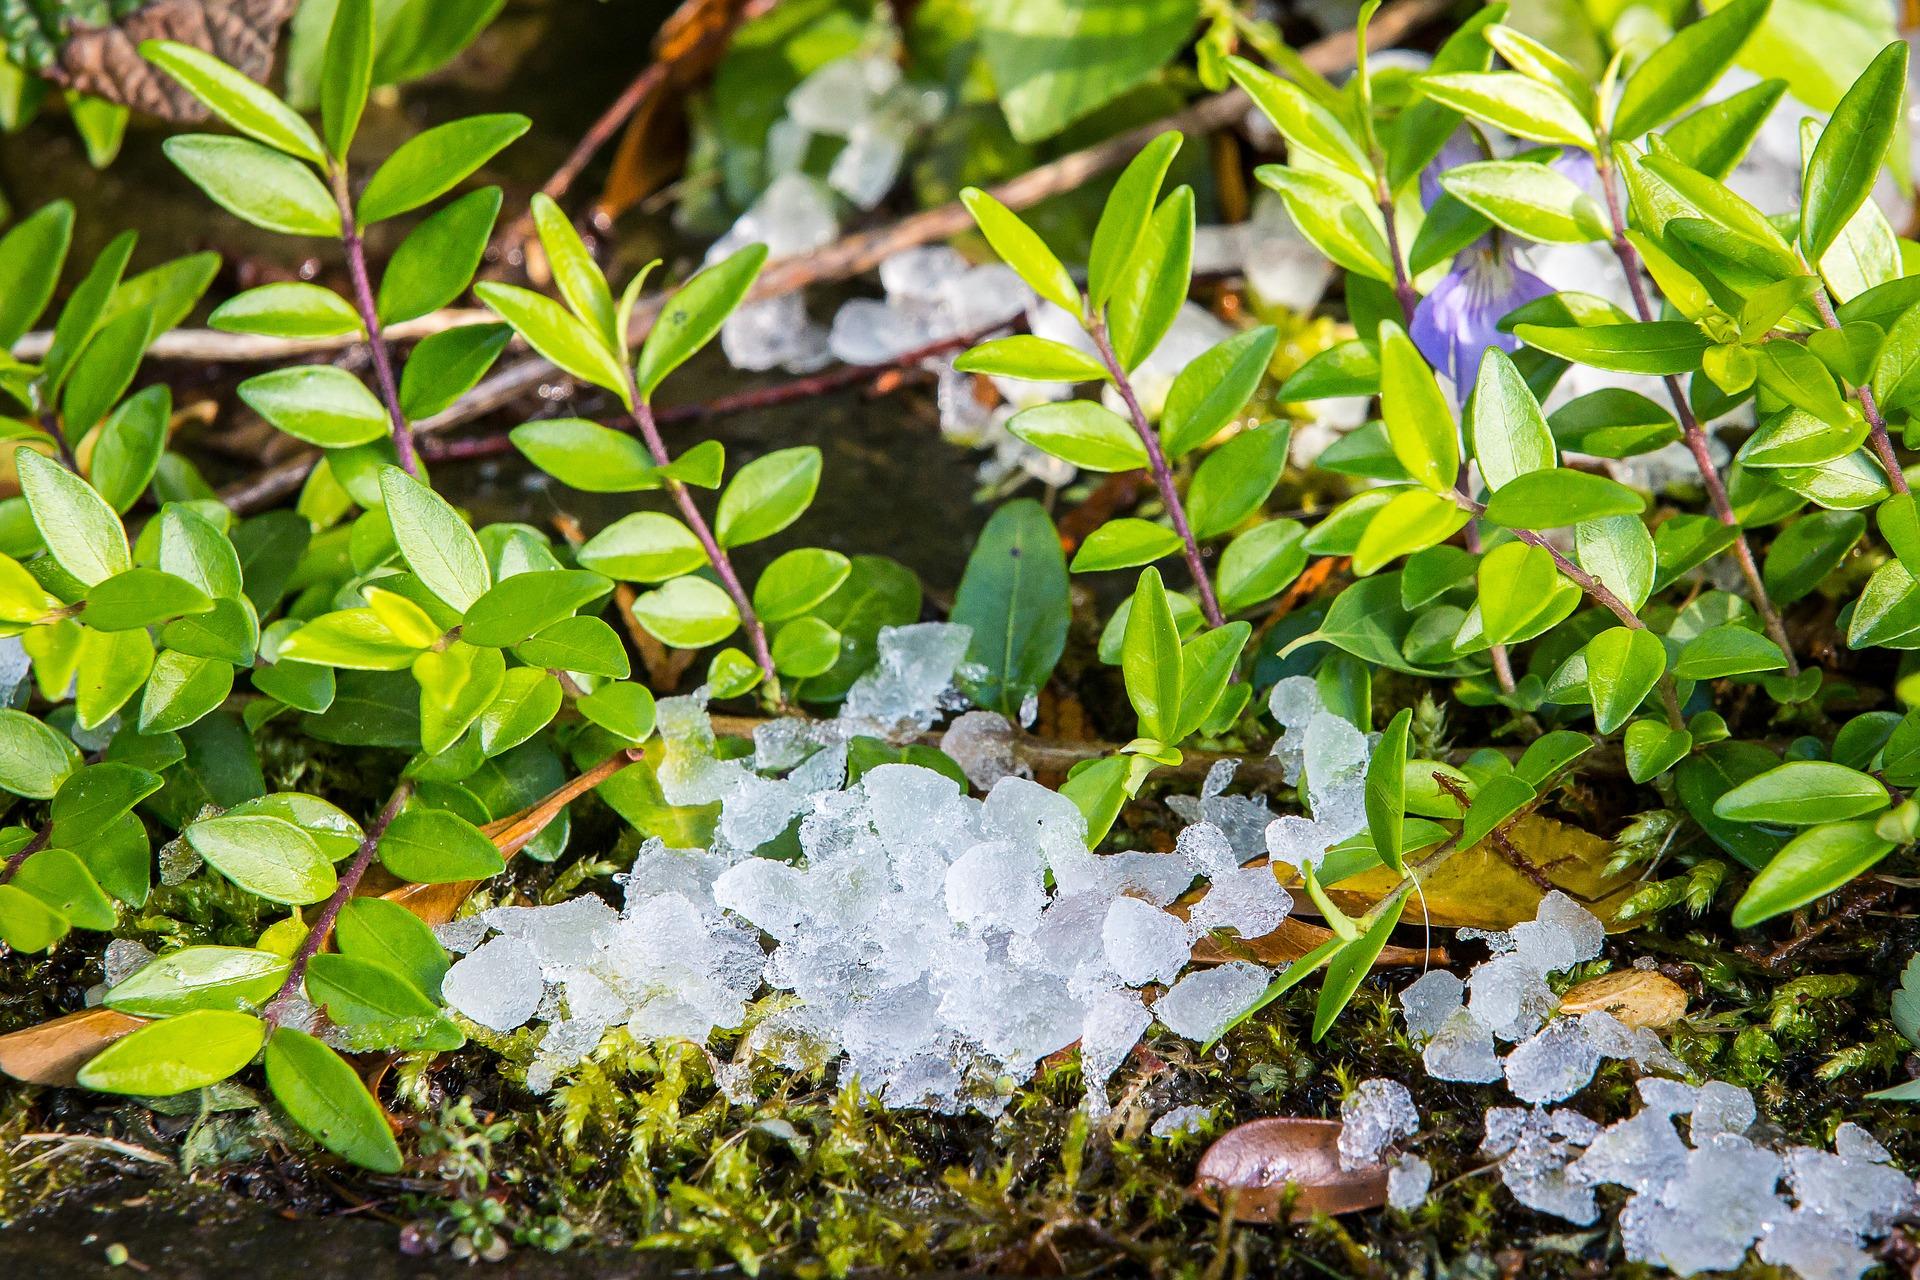 Grosse Hagelkörner liegen auf dem Boden zwischen grünem Blattwerk